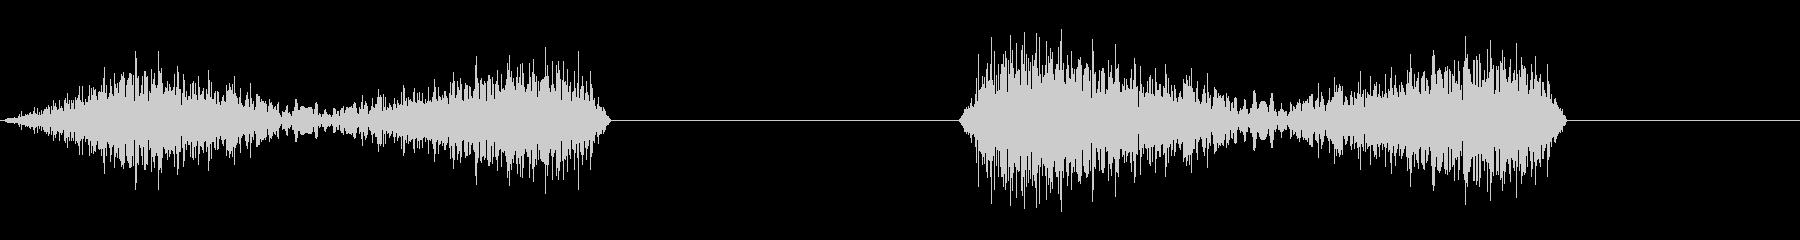 DJプレイ スクラッチ・ノイズ 8 二連の未再生の波形